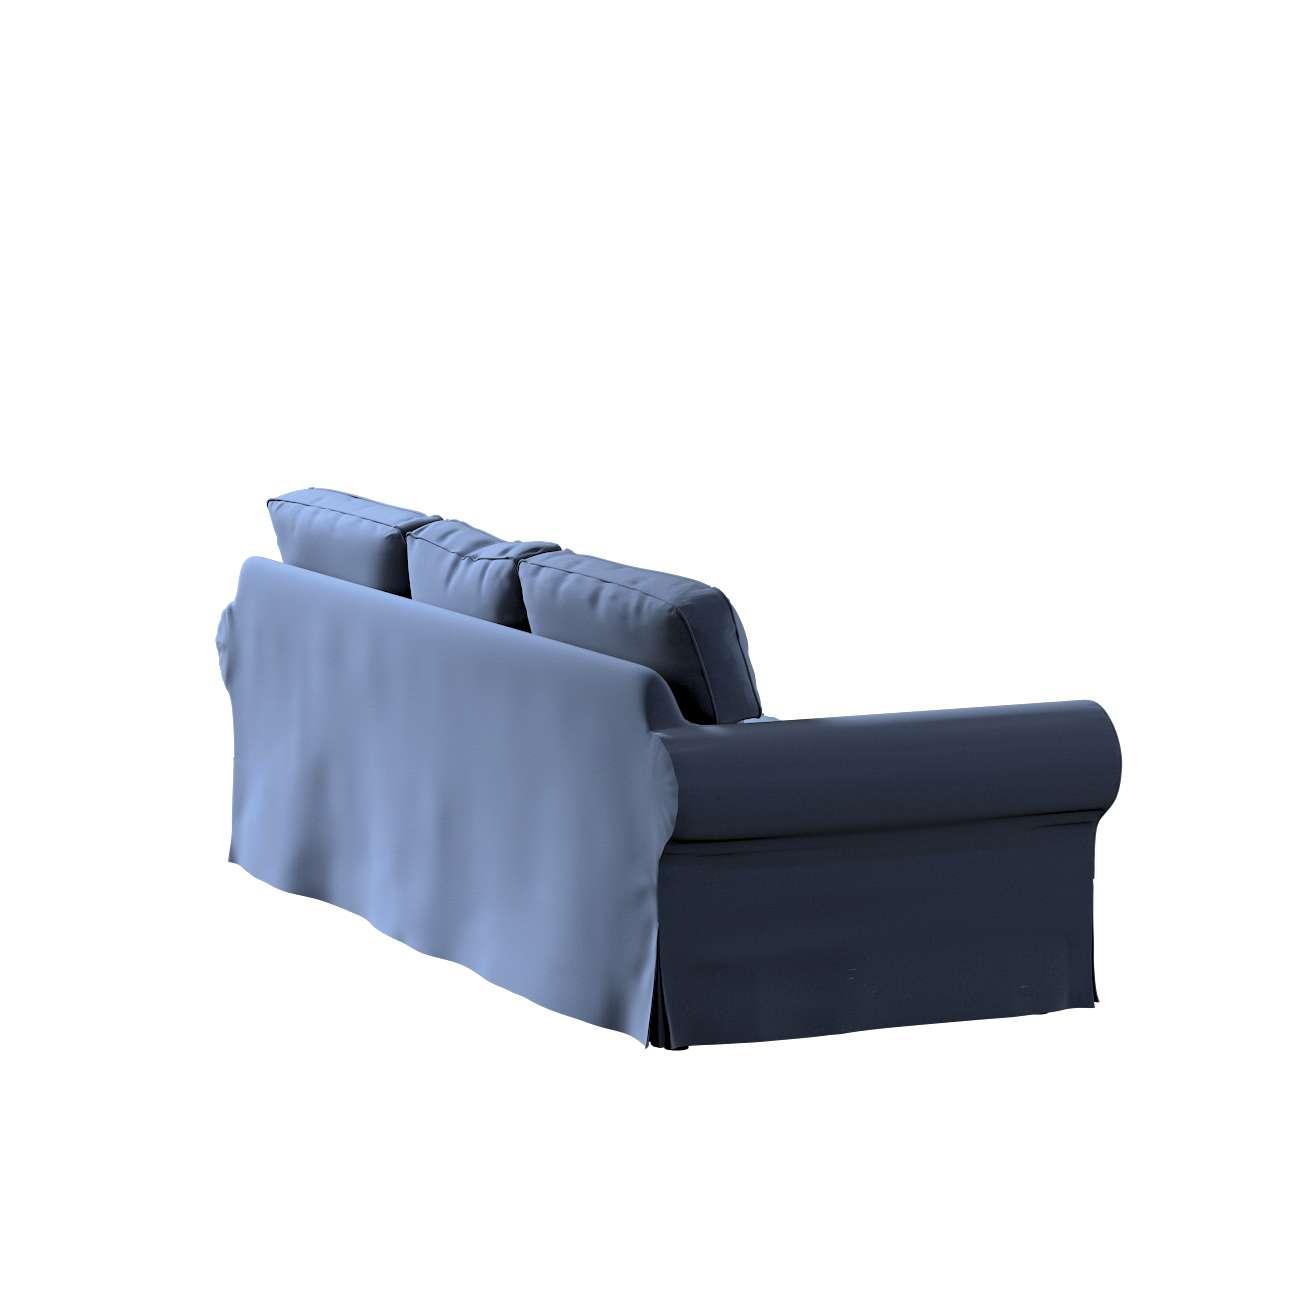 Pokrowiec na sofę Ektorp 3-osobową, rozkładaną w kolekcji Ingrid, tkanina: 705-39